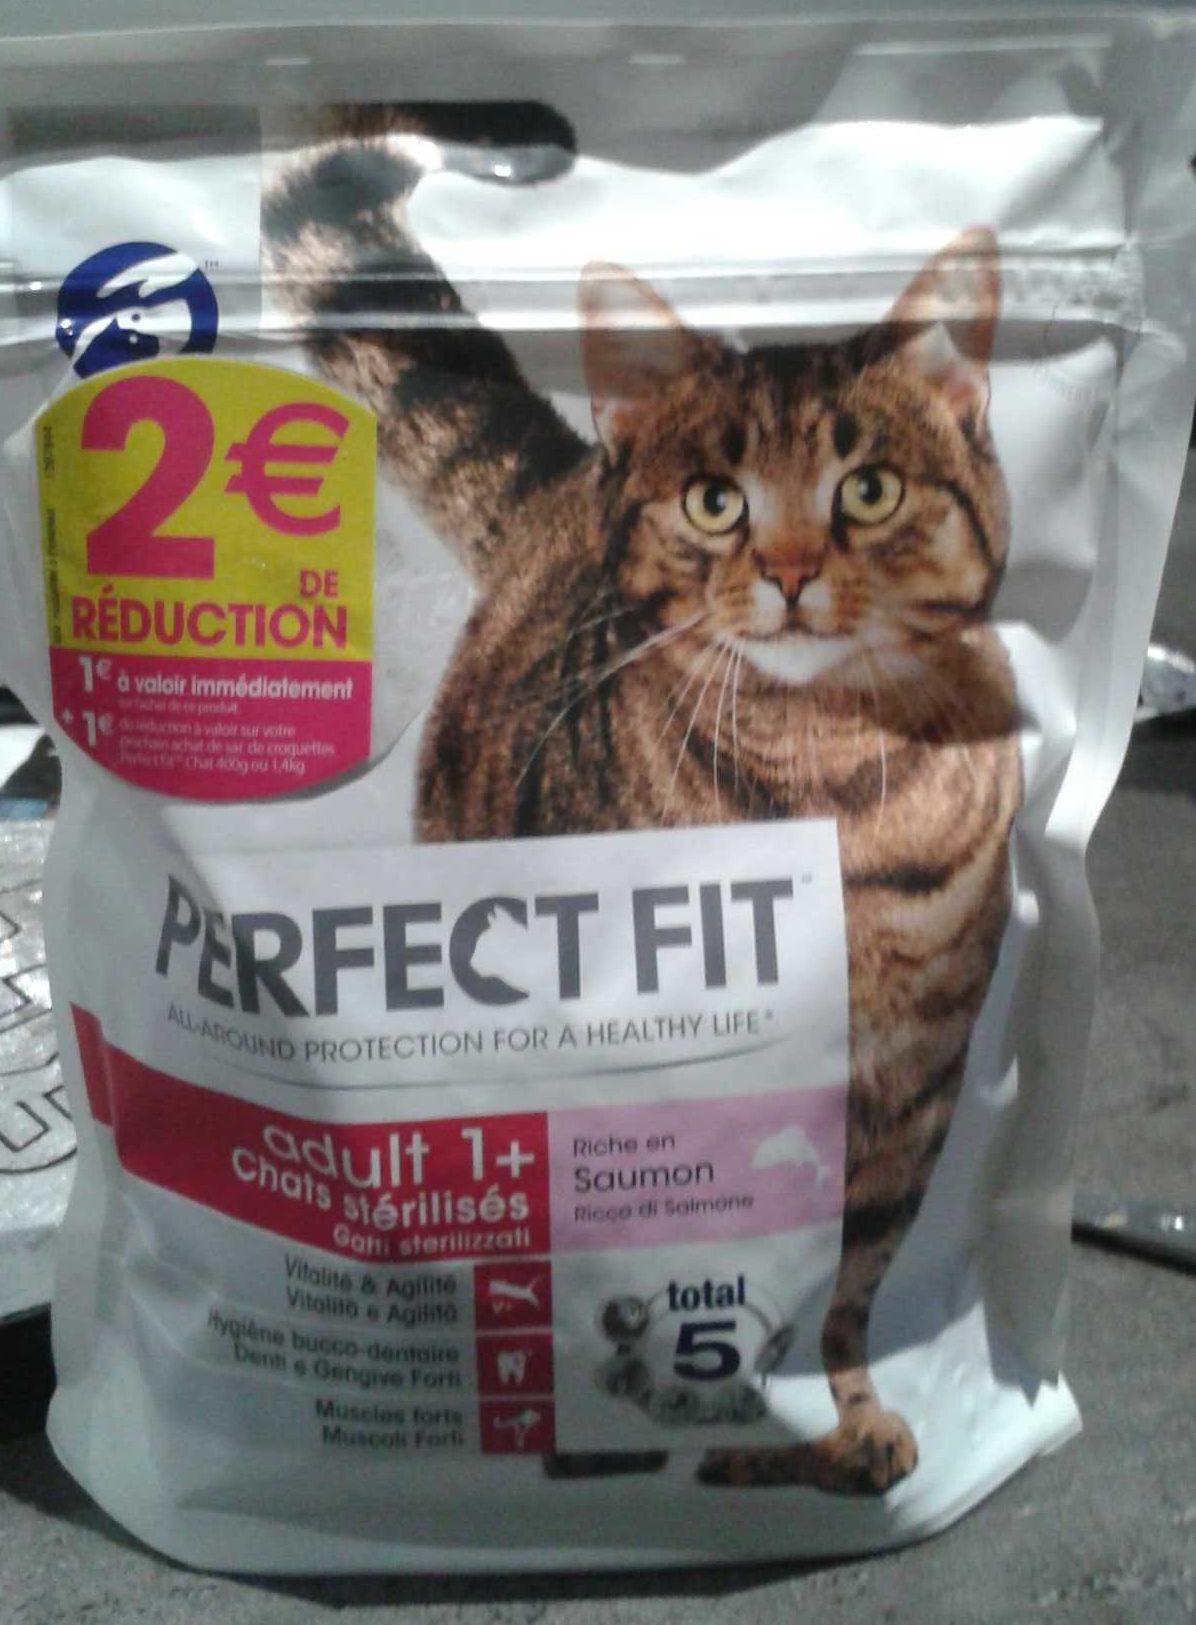 Croquettes Adult 1+ Chats stérilisés Saumon - Produit